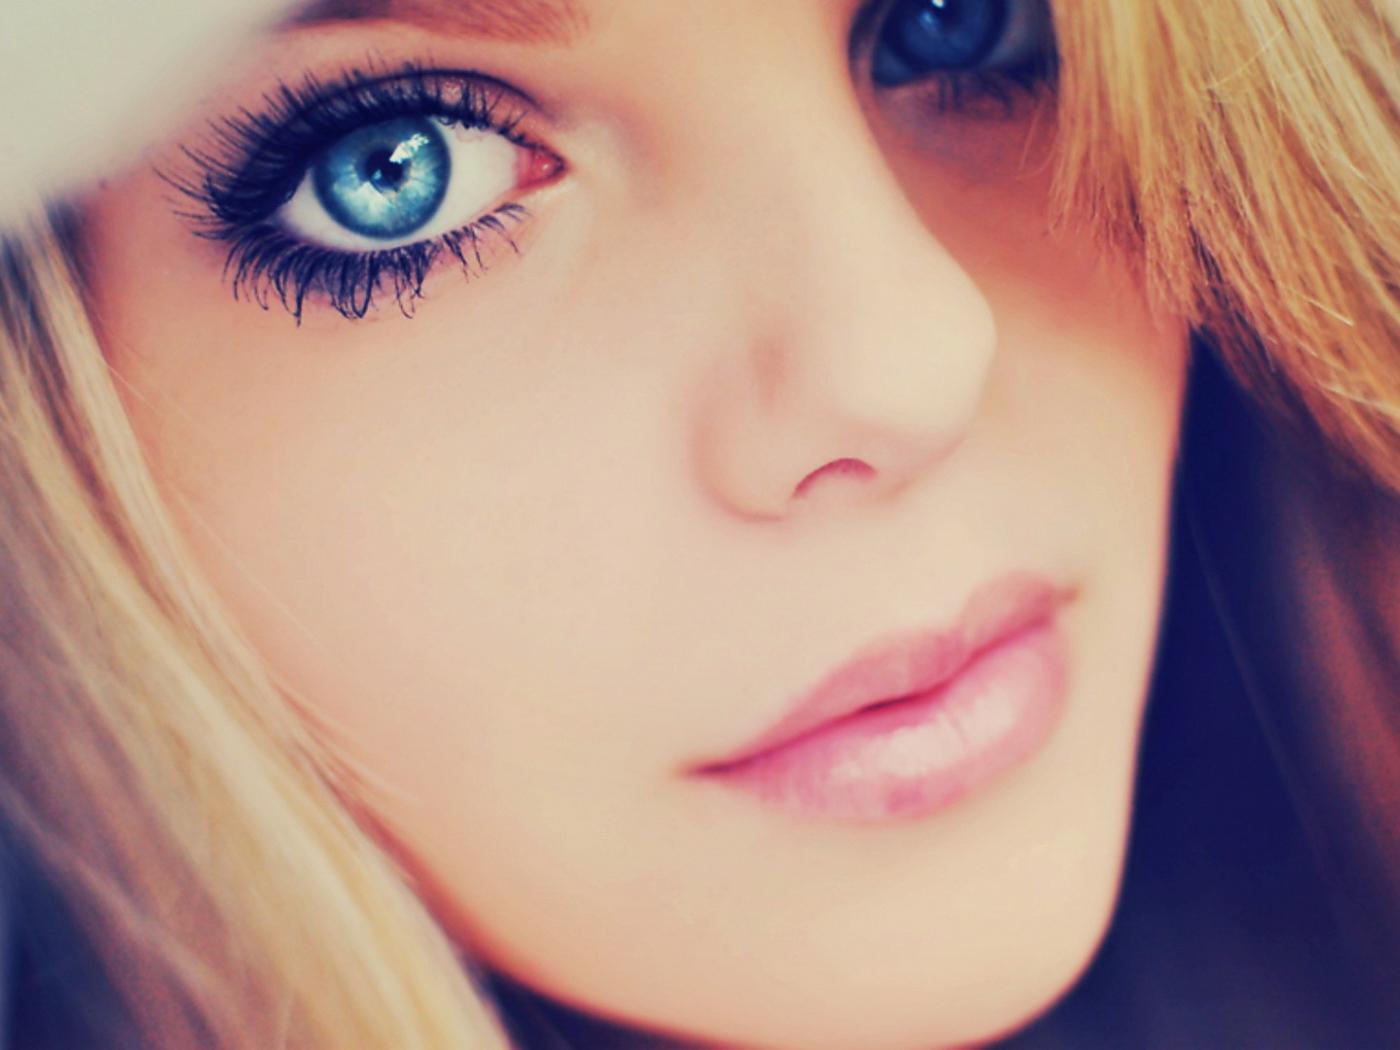 Фото на аву для девушек с красивым лицом